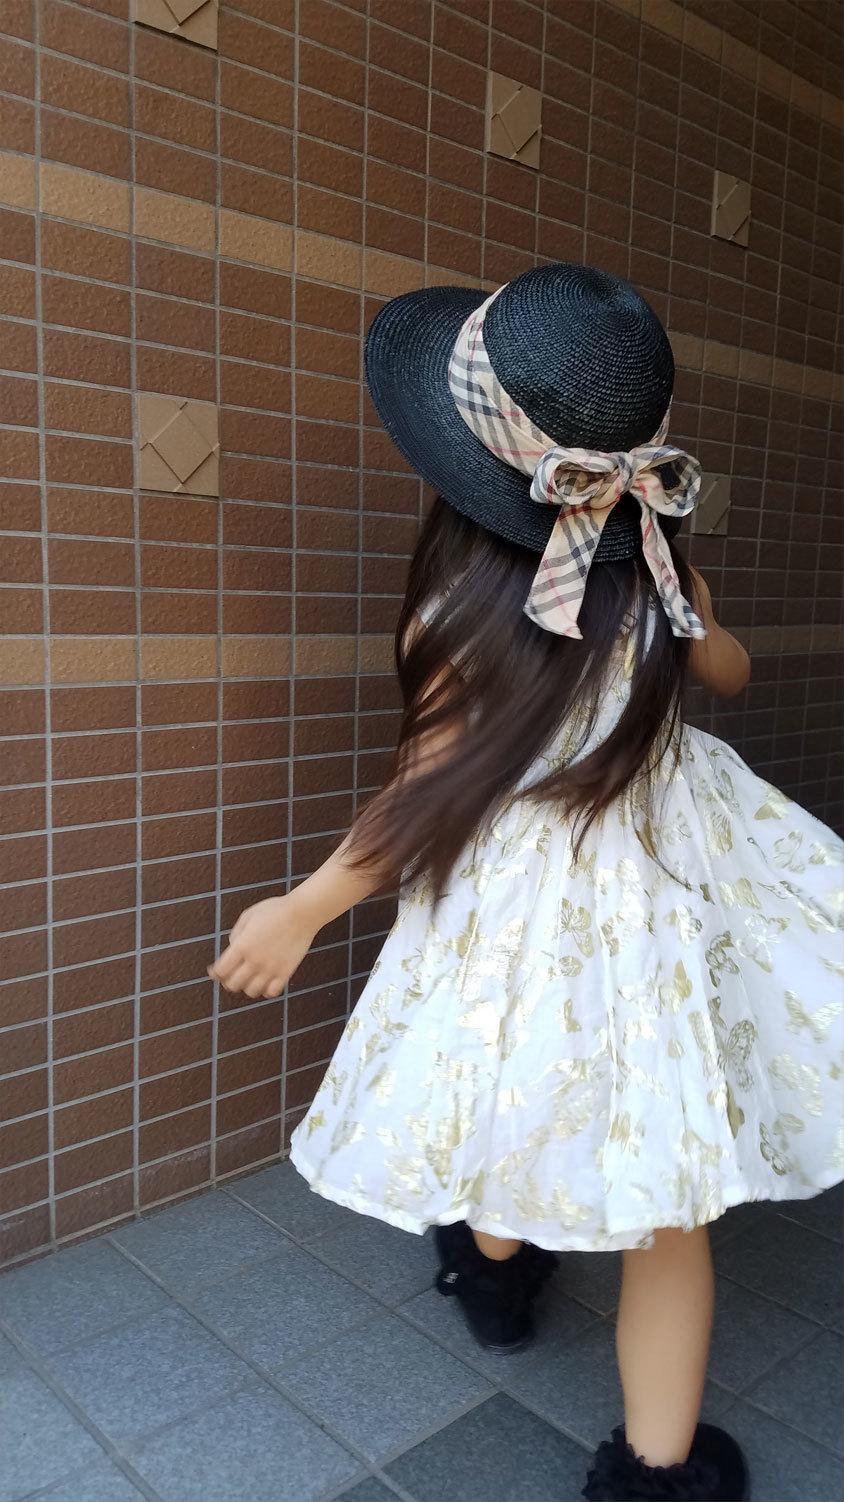 私のお下がり帽子&着なくなったスカート、娘のおニュー帽子に♪_d0224894_00142140.jpg